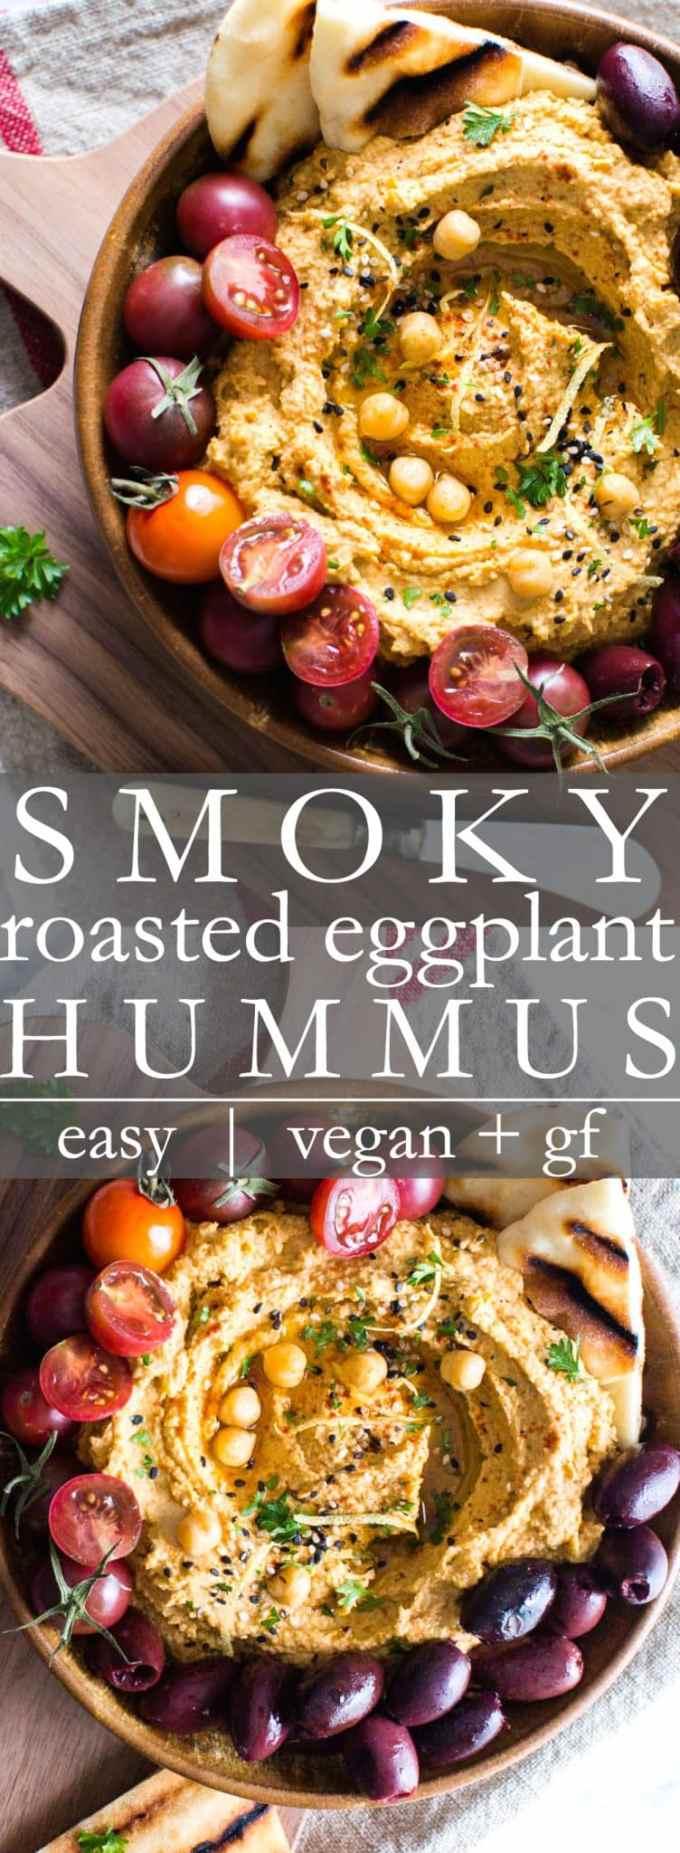 Smoky Roasted Eggplant Hummus